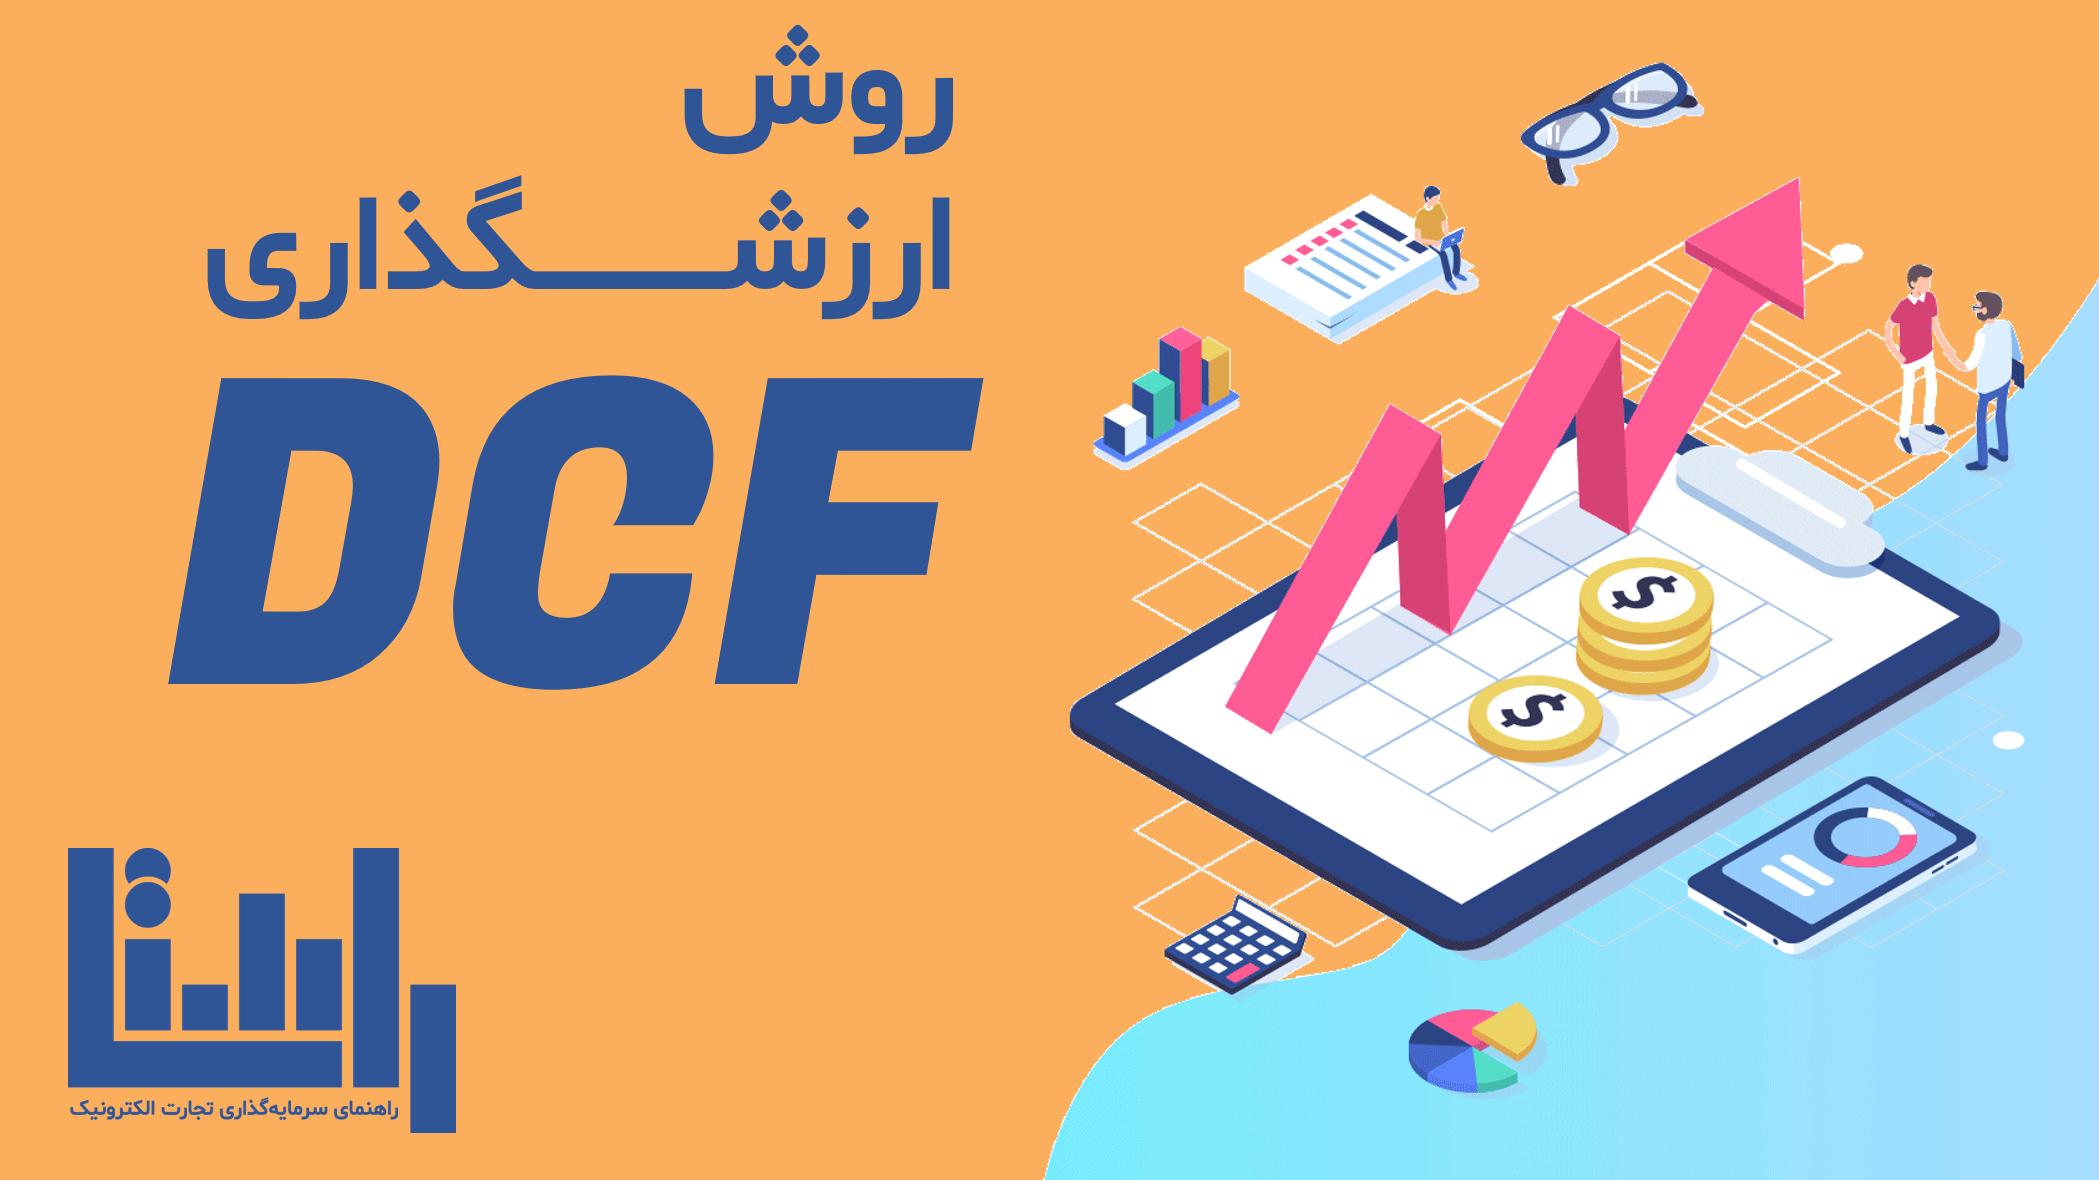 روش ارزشگذاری DCF جریان نقد تنزیل شده